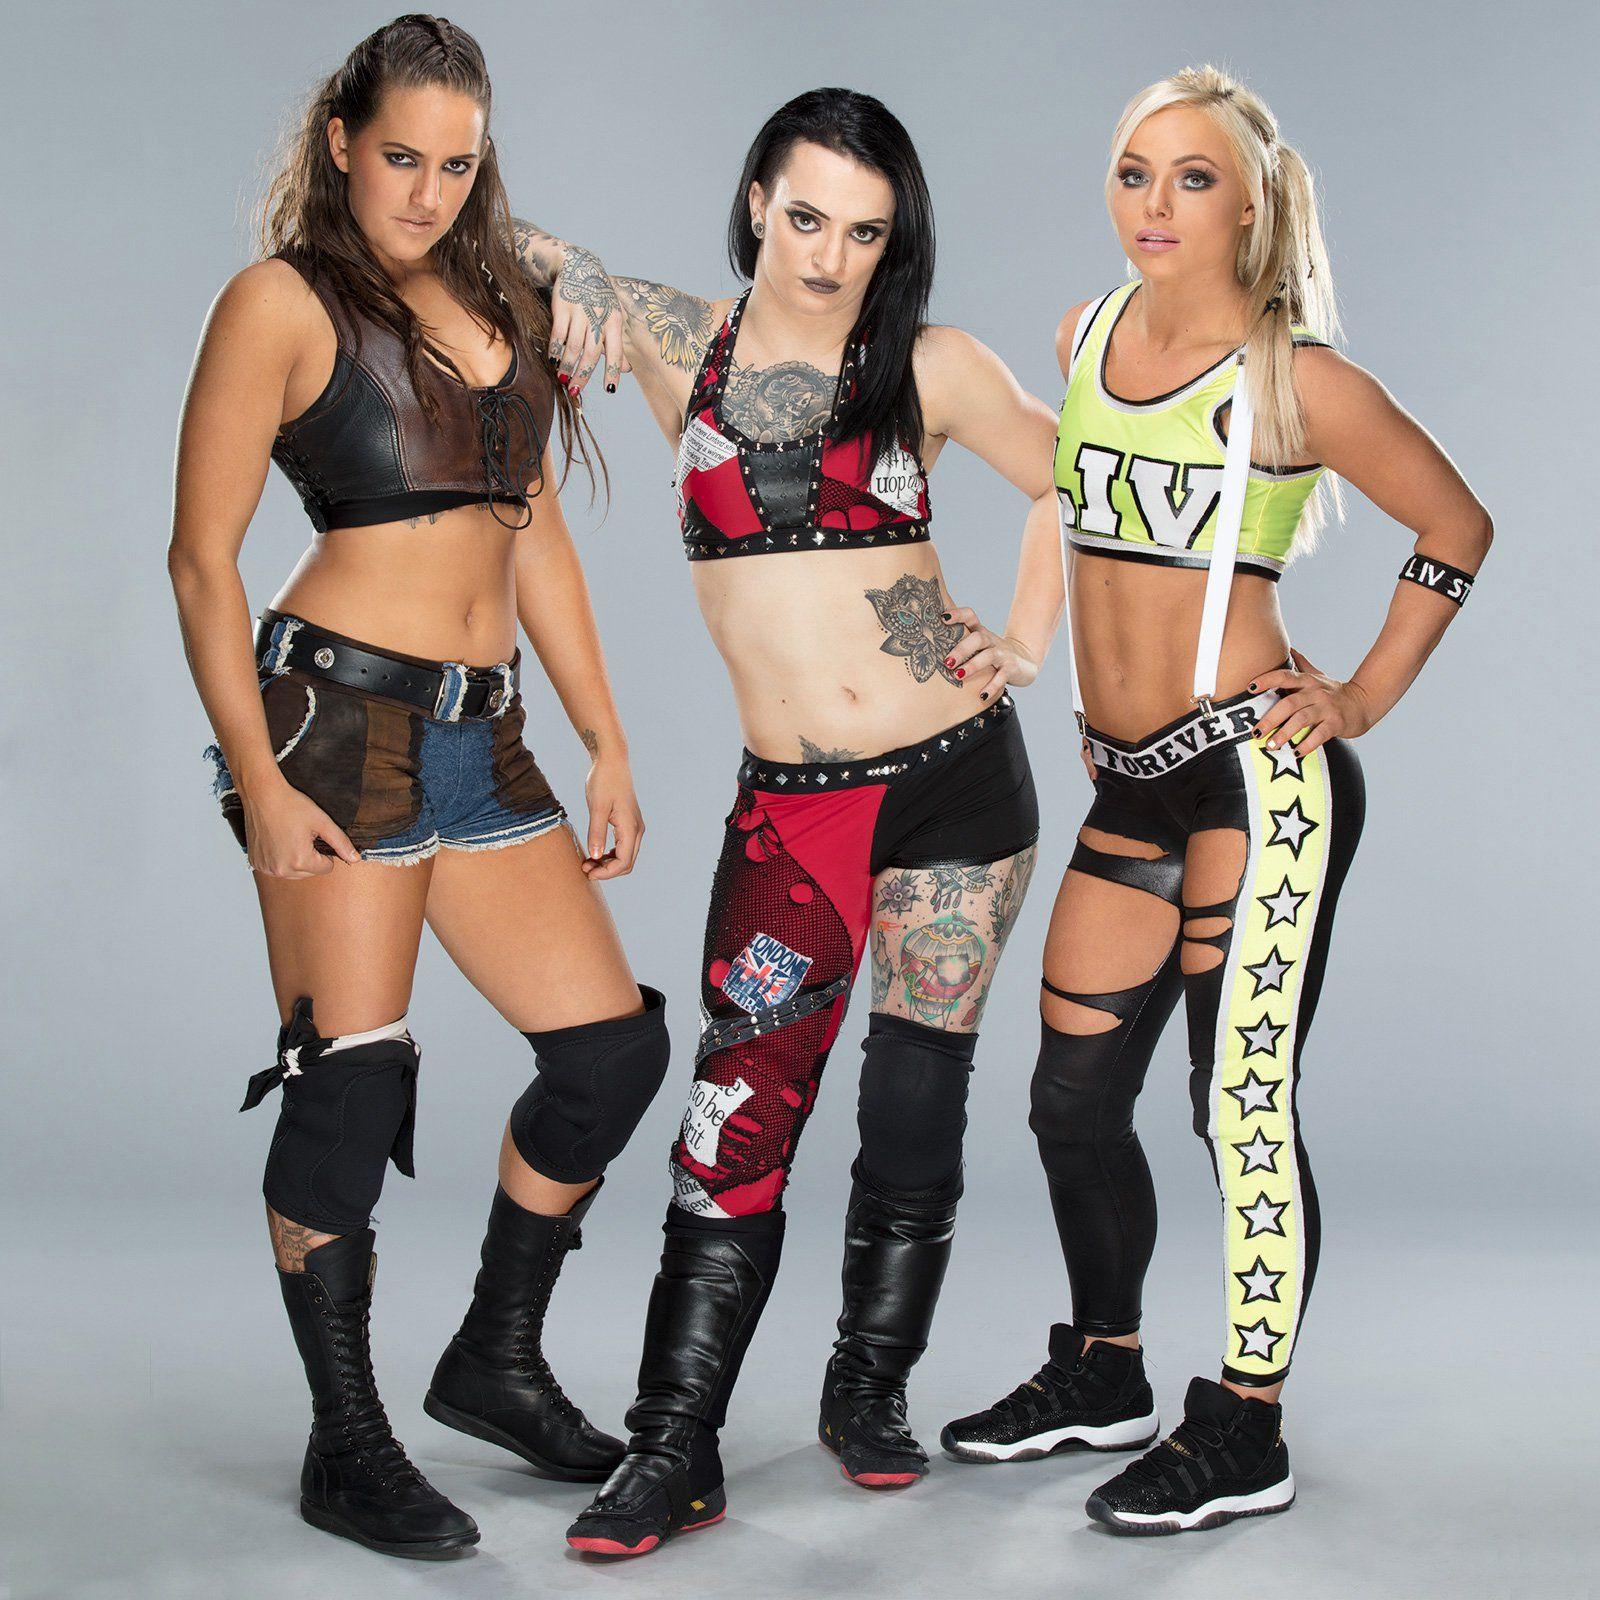 The Riott Squad Wrestling Divas